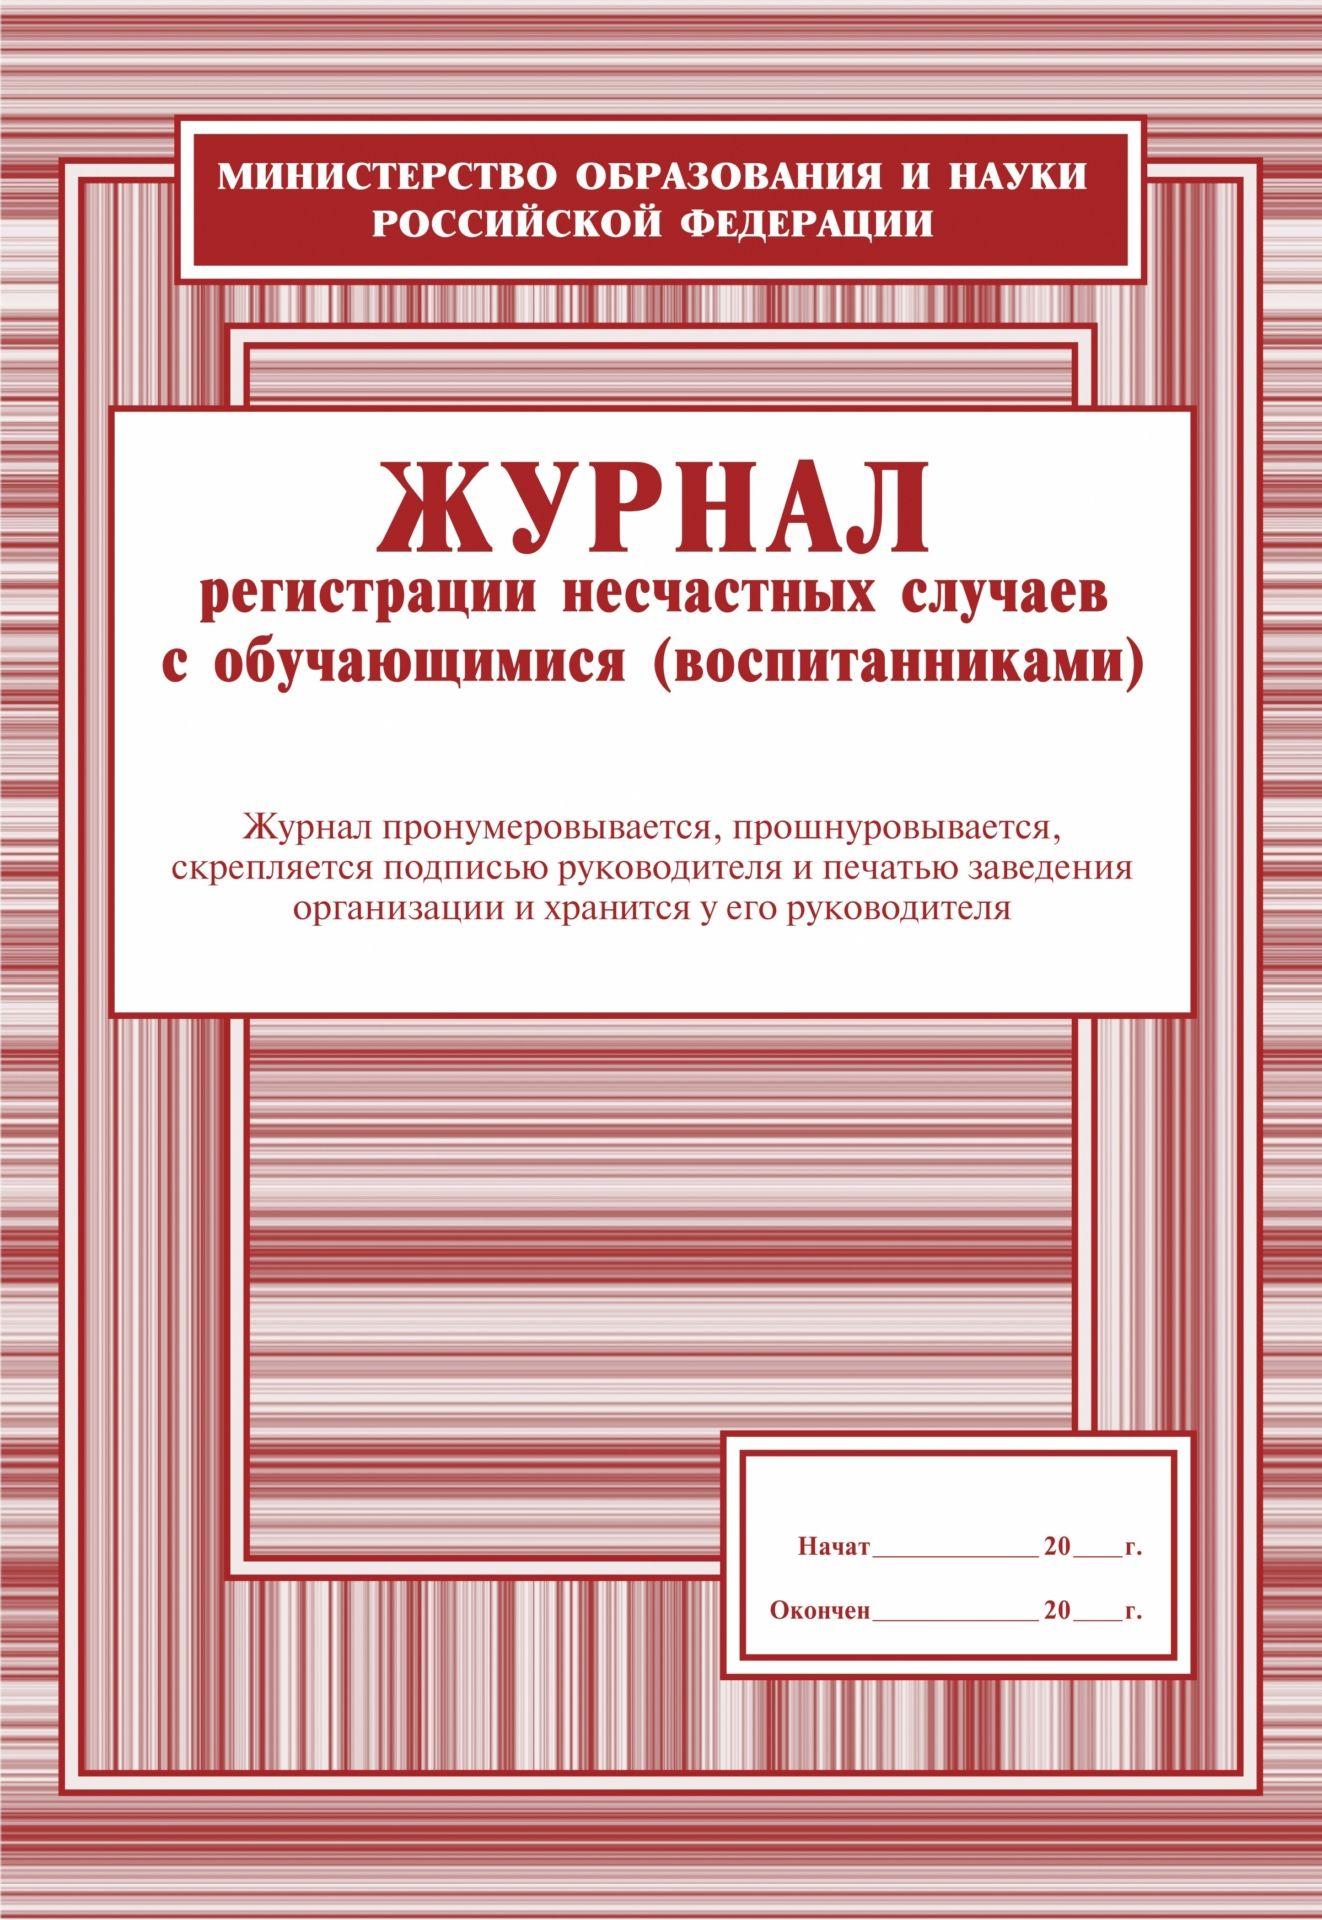 Журнал регистрации несчастных случаев с обучающимися (воспитанниками)